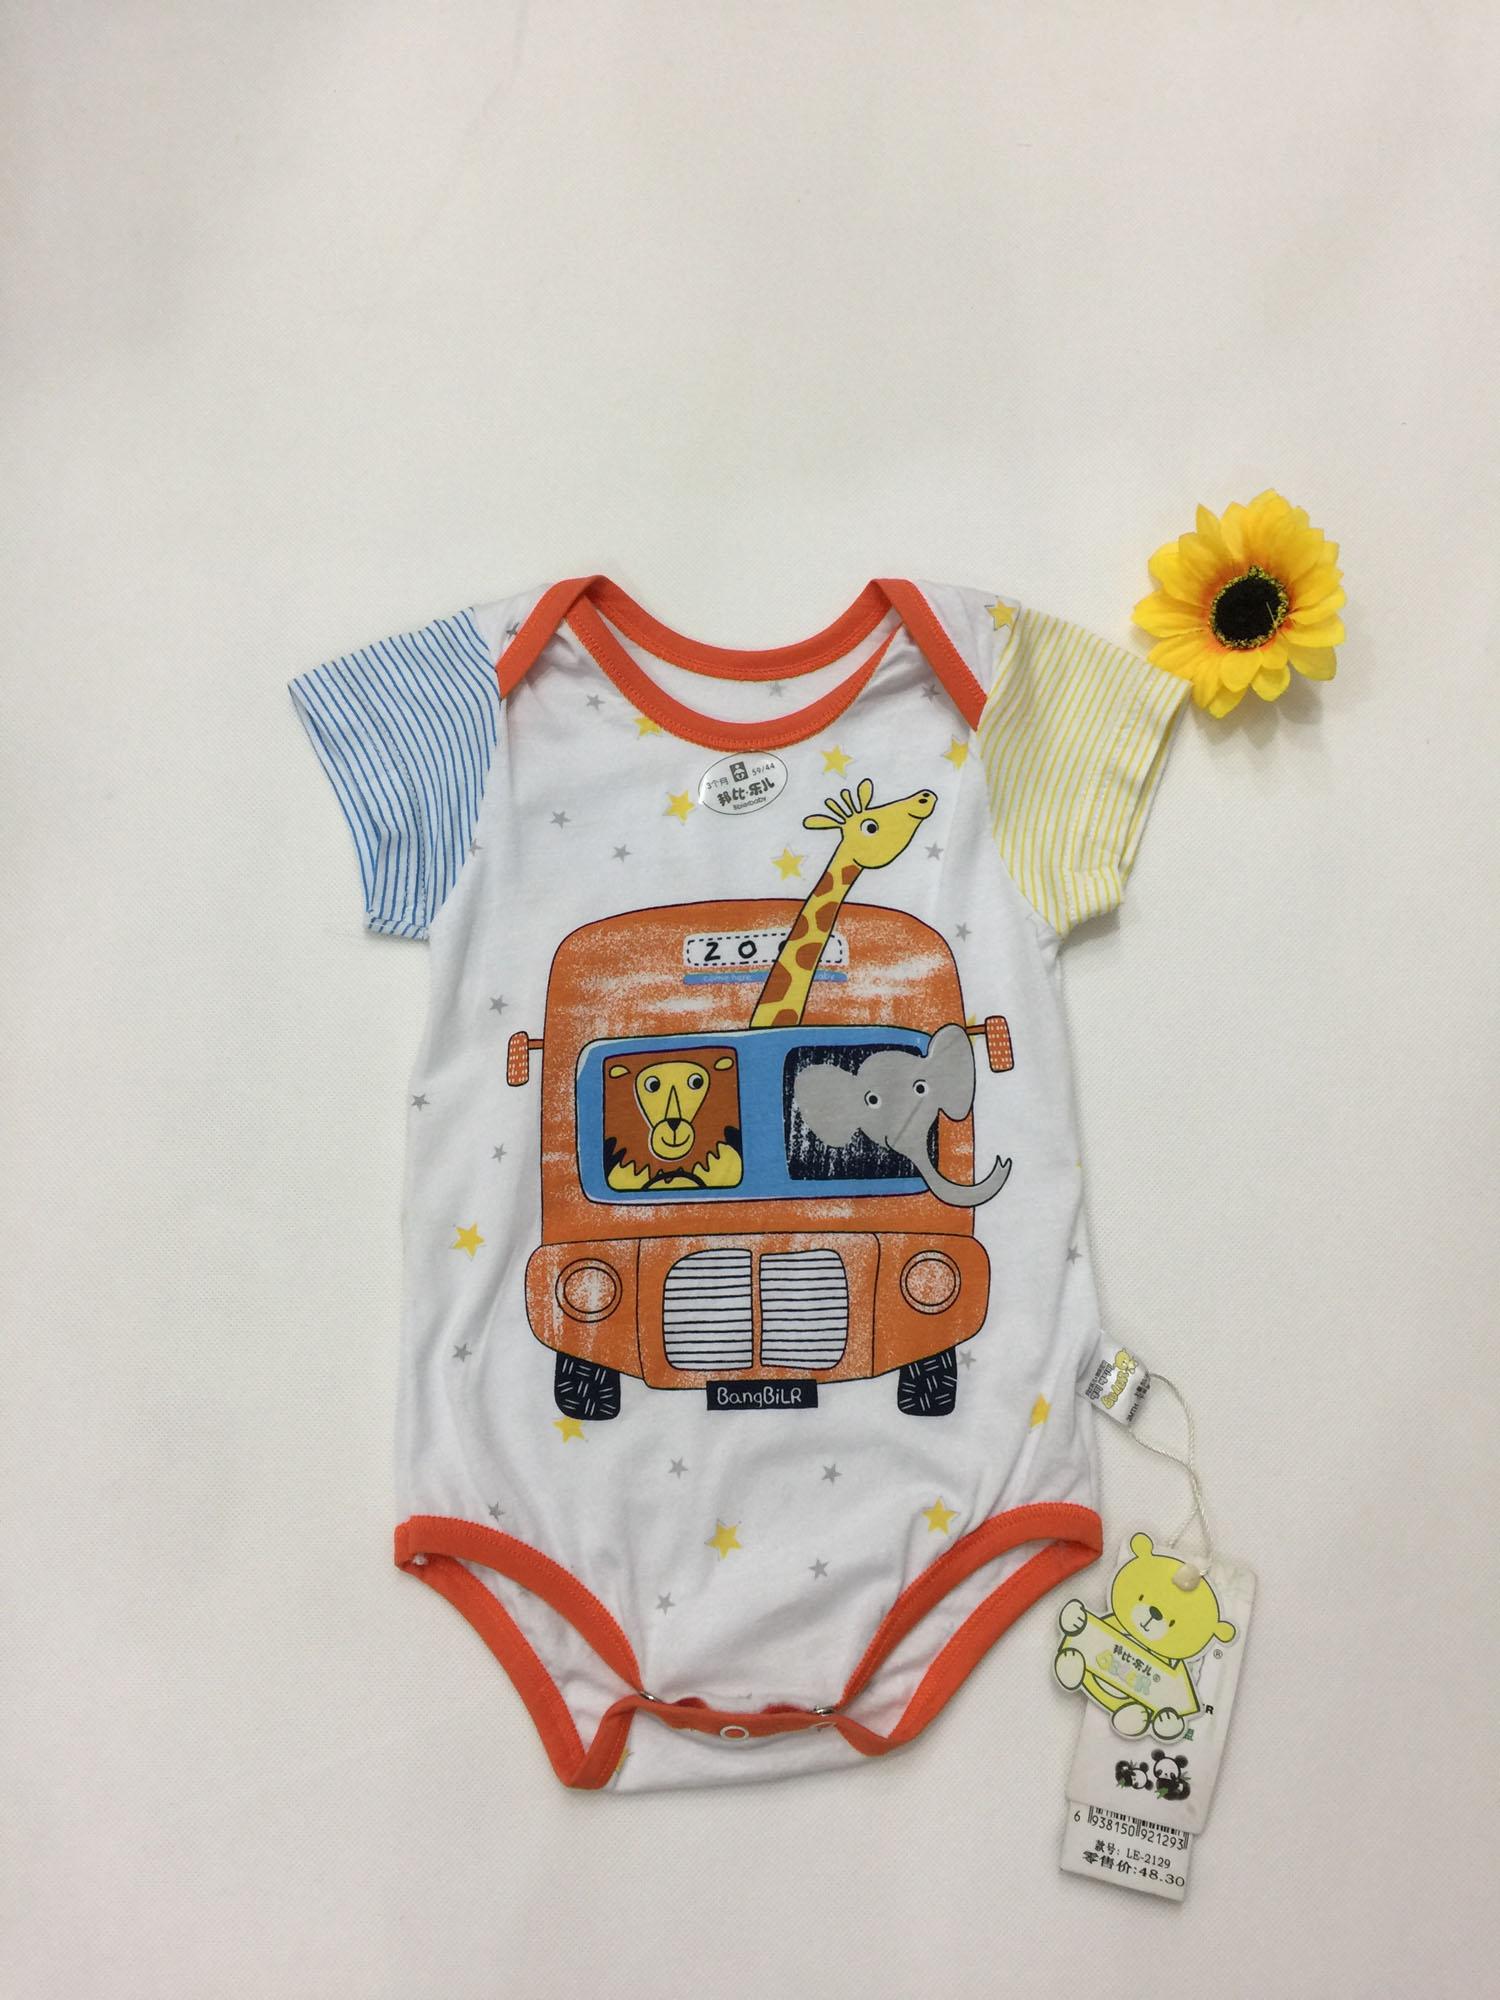 邦比乐儿婴童夏季薄款三角哈衣 竹纤维柔软亲肤 包庇衣 婴儿服饰